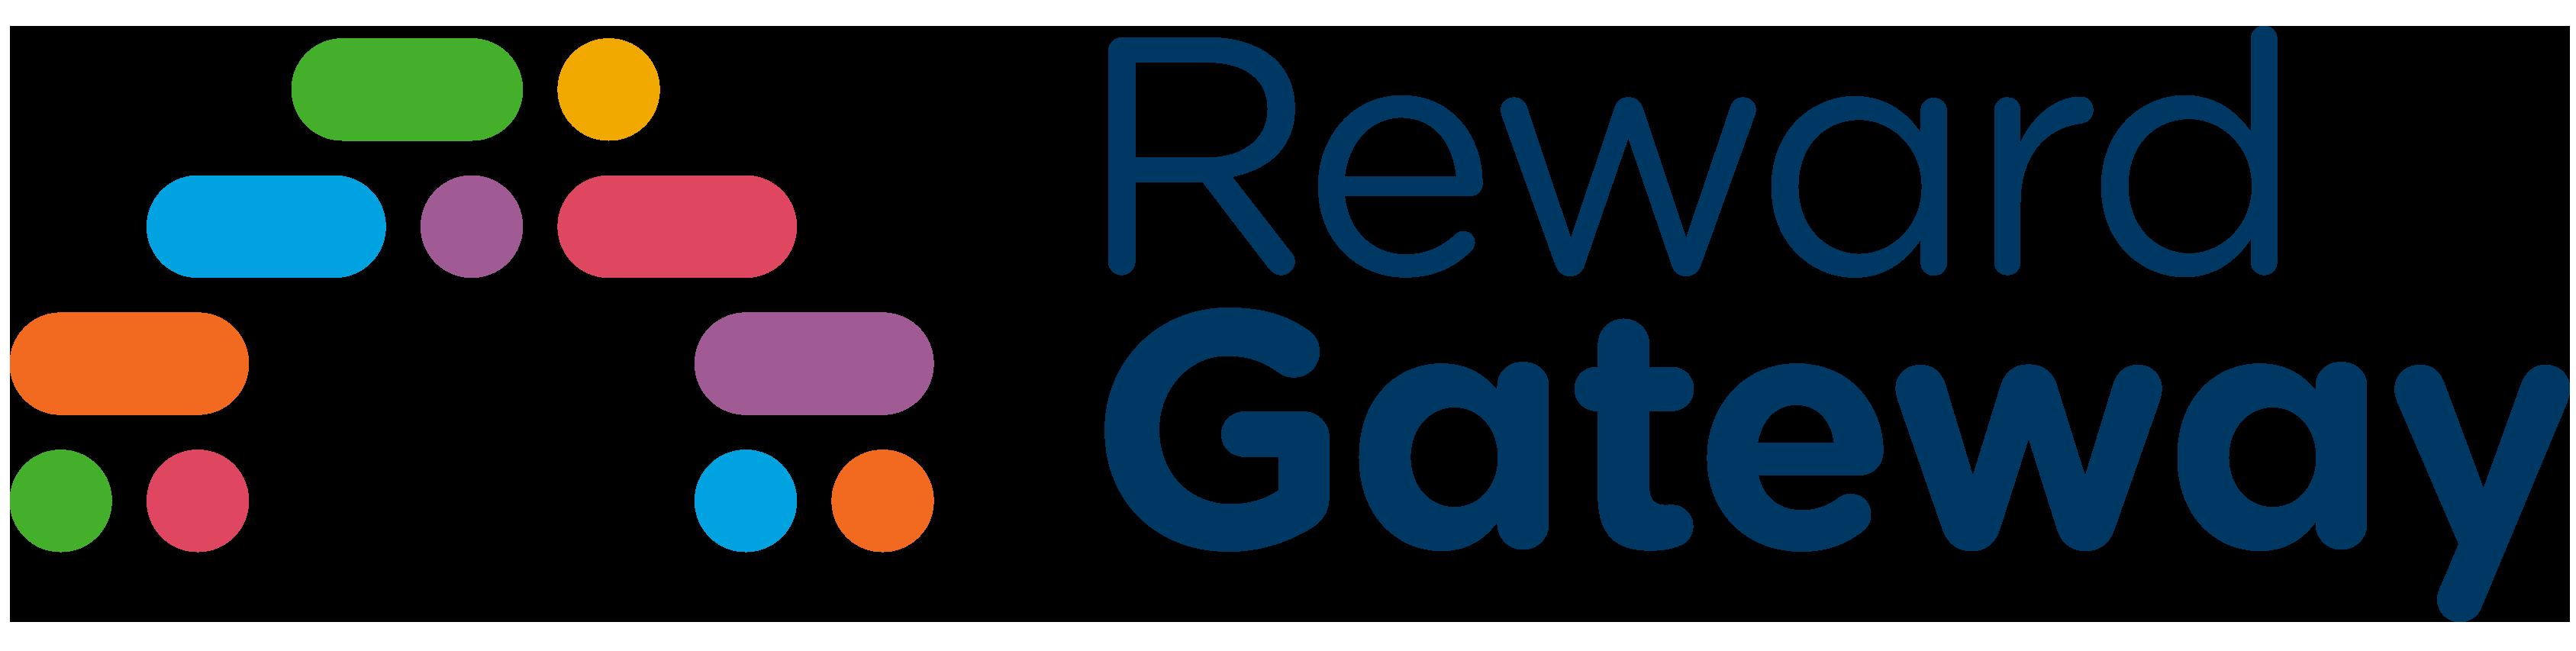 Reward Gateway